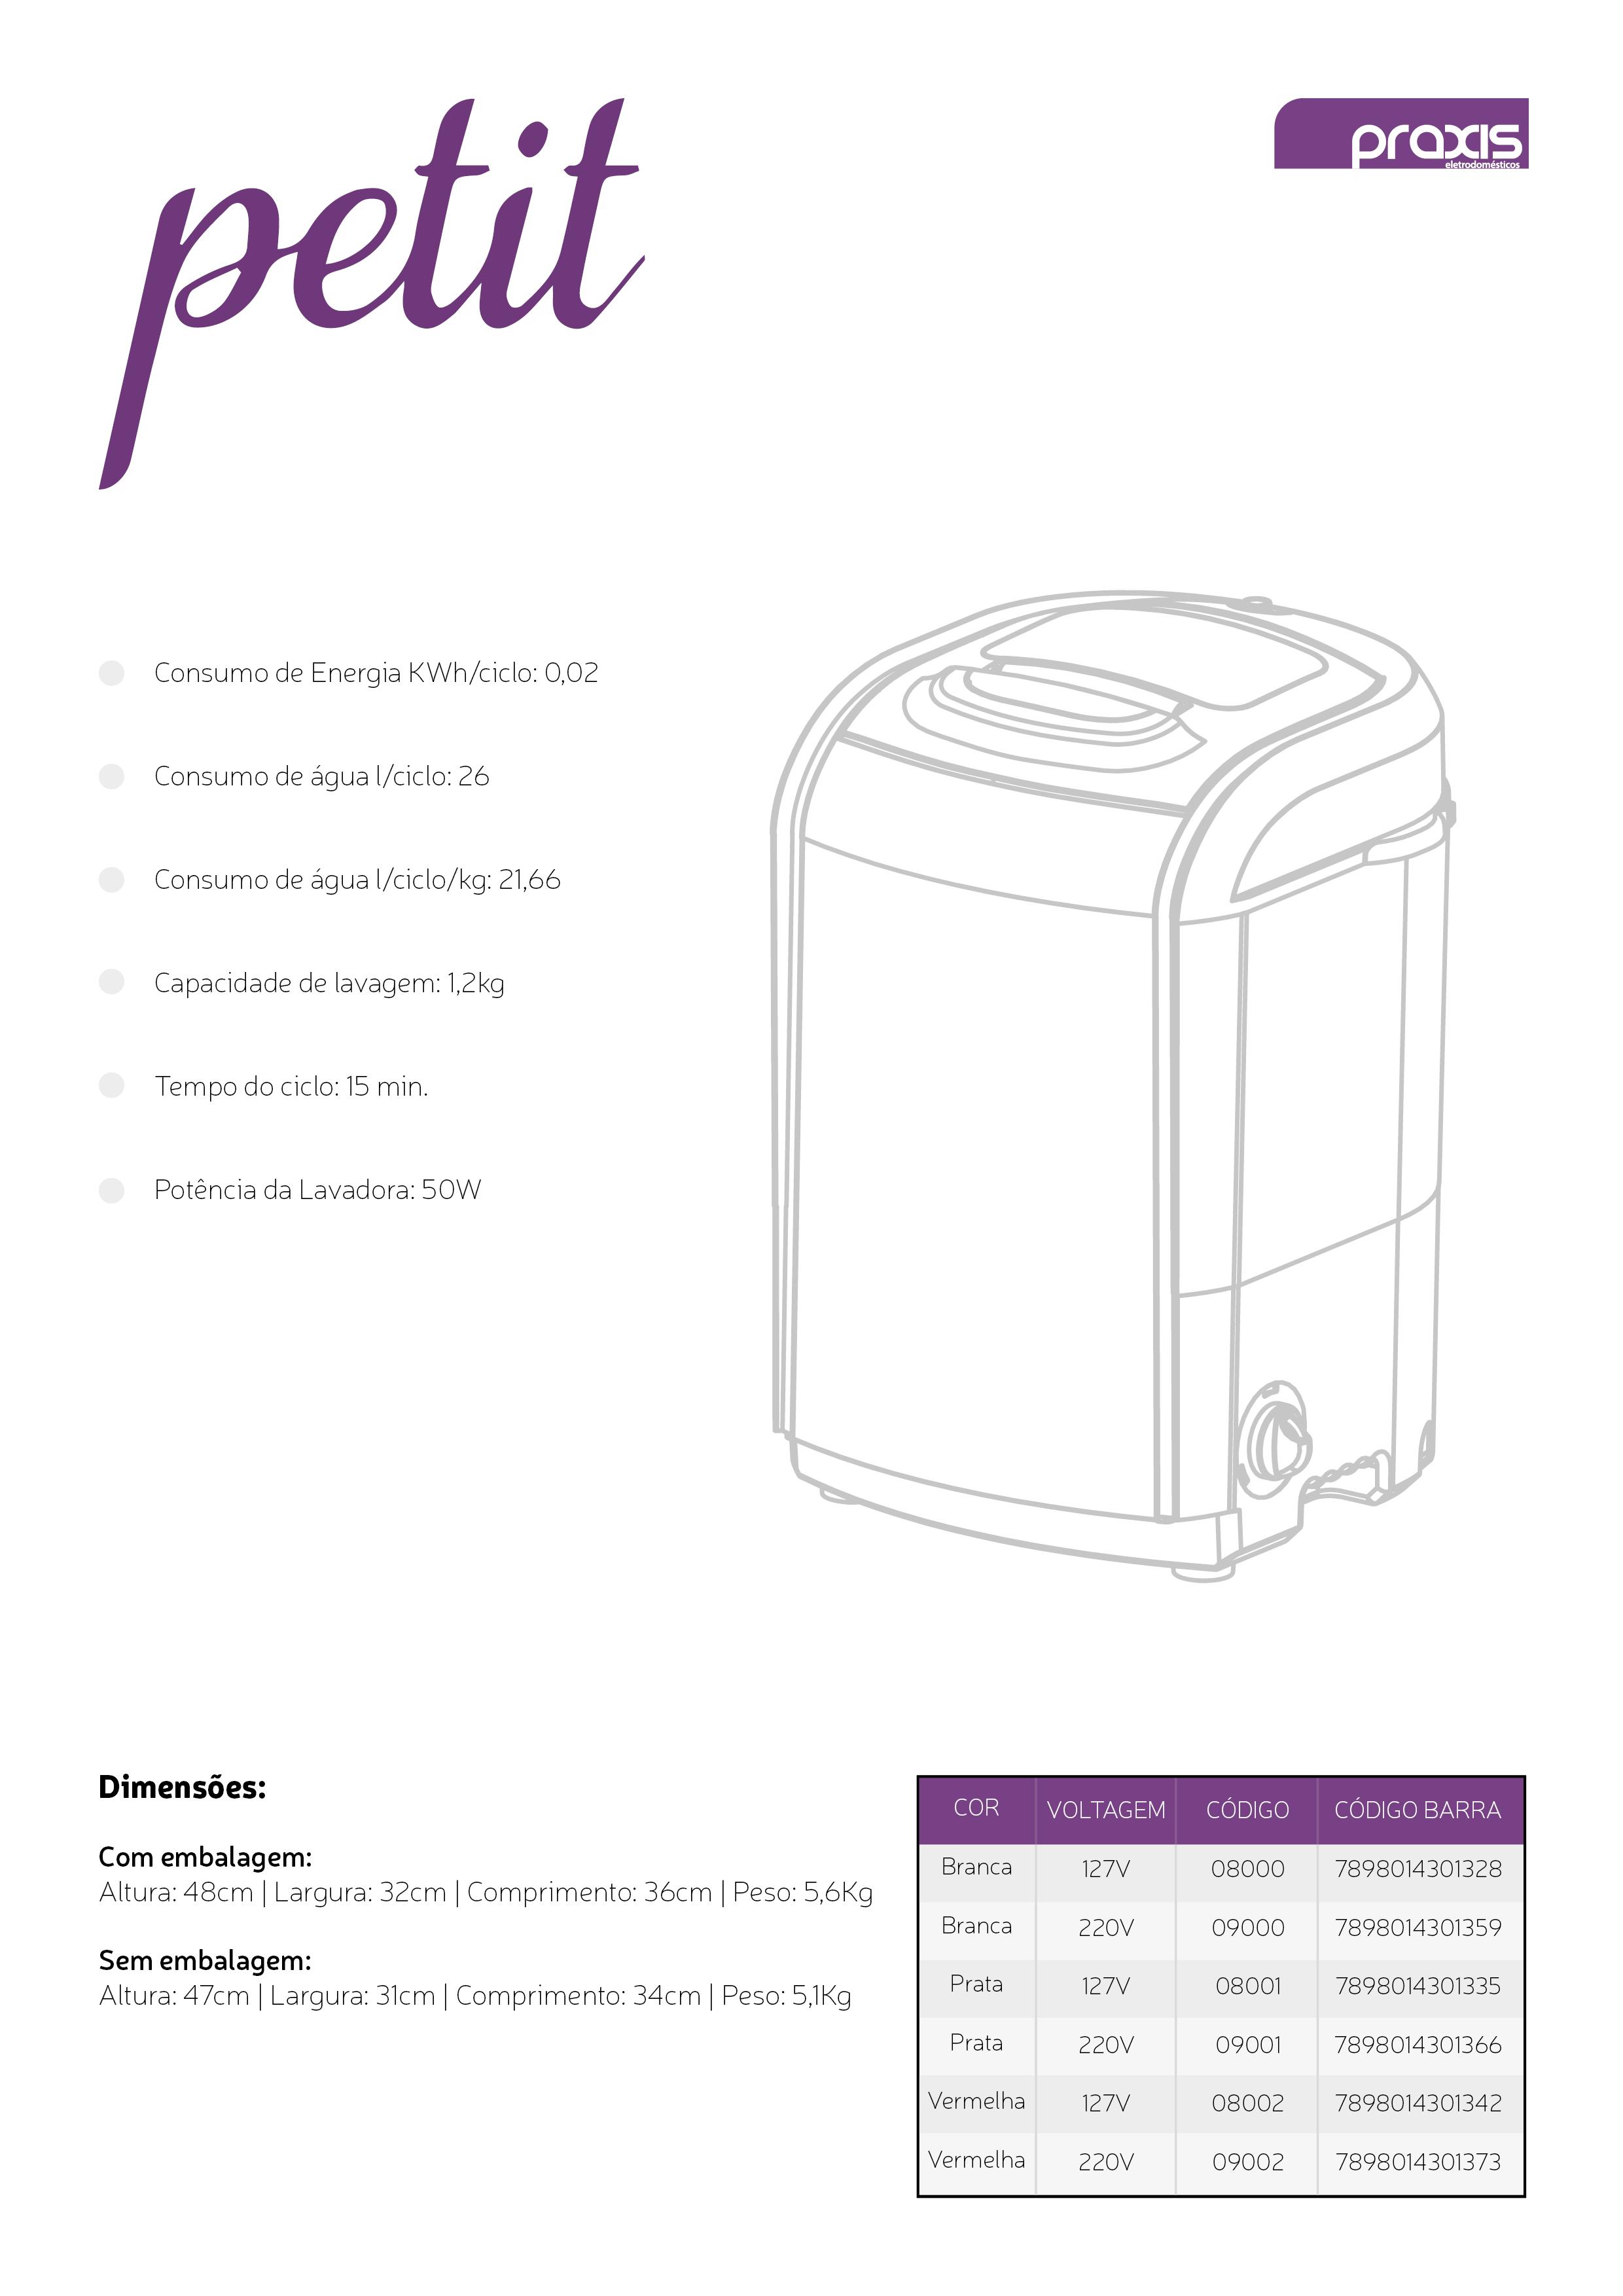 Sobre a Marca:  Sediada em Taubaté (SP), a Praxis Eletrodomésticos conta com uma sólida estrutura fabril, com equipamentos de última geração, laboratórios de teste, inspeção e qualidade, além de um corpo técnico formado por profissionais altamente qualificados. Com uma rede de assistência técnica em todo o Brasil e certificações internacionalmente reconhecidas, entre elas ISO 9001 e ISSO 14001, a Praxis promete agradáveis surpresas para o mercado. Seus produtos agregam um detalhe sutil de funcionalidade e beleza, o que reflete o cuidado que a empresa tem com seu consumidor, assim como o cuidado que a dona de casa tem com o seu lar.   Modelo do Produto: Mini lavadora de roupas Petit branca Itens Inclusos: Mini Maquina de Lavar, uma mangueira de entrada, um manual. Garantia: 12 meses Descrição: Discreta, elegante e compacta: assim se define a Máquina de Lavar Roupas da Praxis. Seu modelo Petit permite lavar pequenas quantidades de roupas separadamente, de forma rápida e eficiente. Seu ciclo máximo é de apenas 15 minutos e possui selo ?A? do Procel.